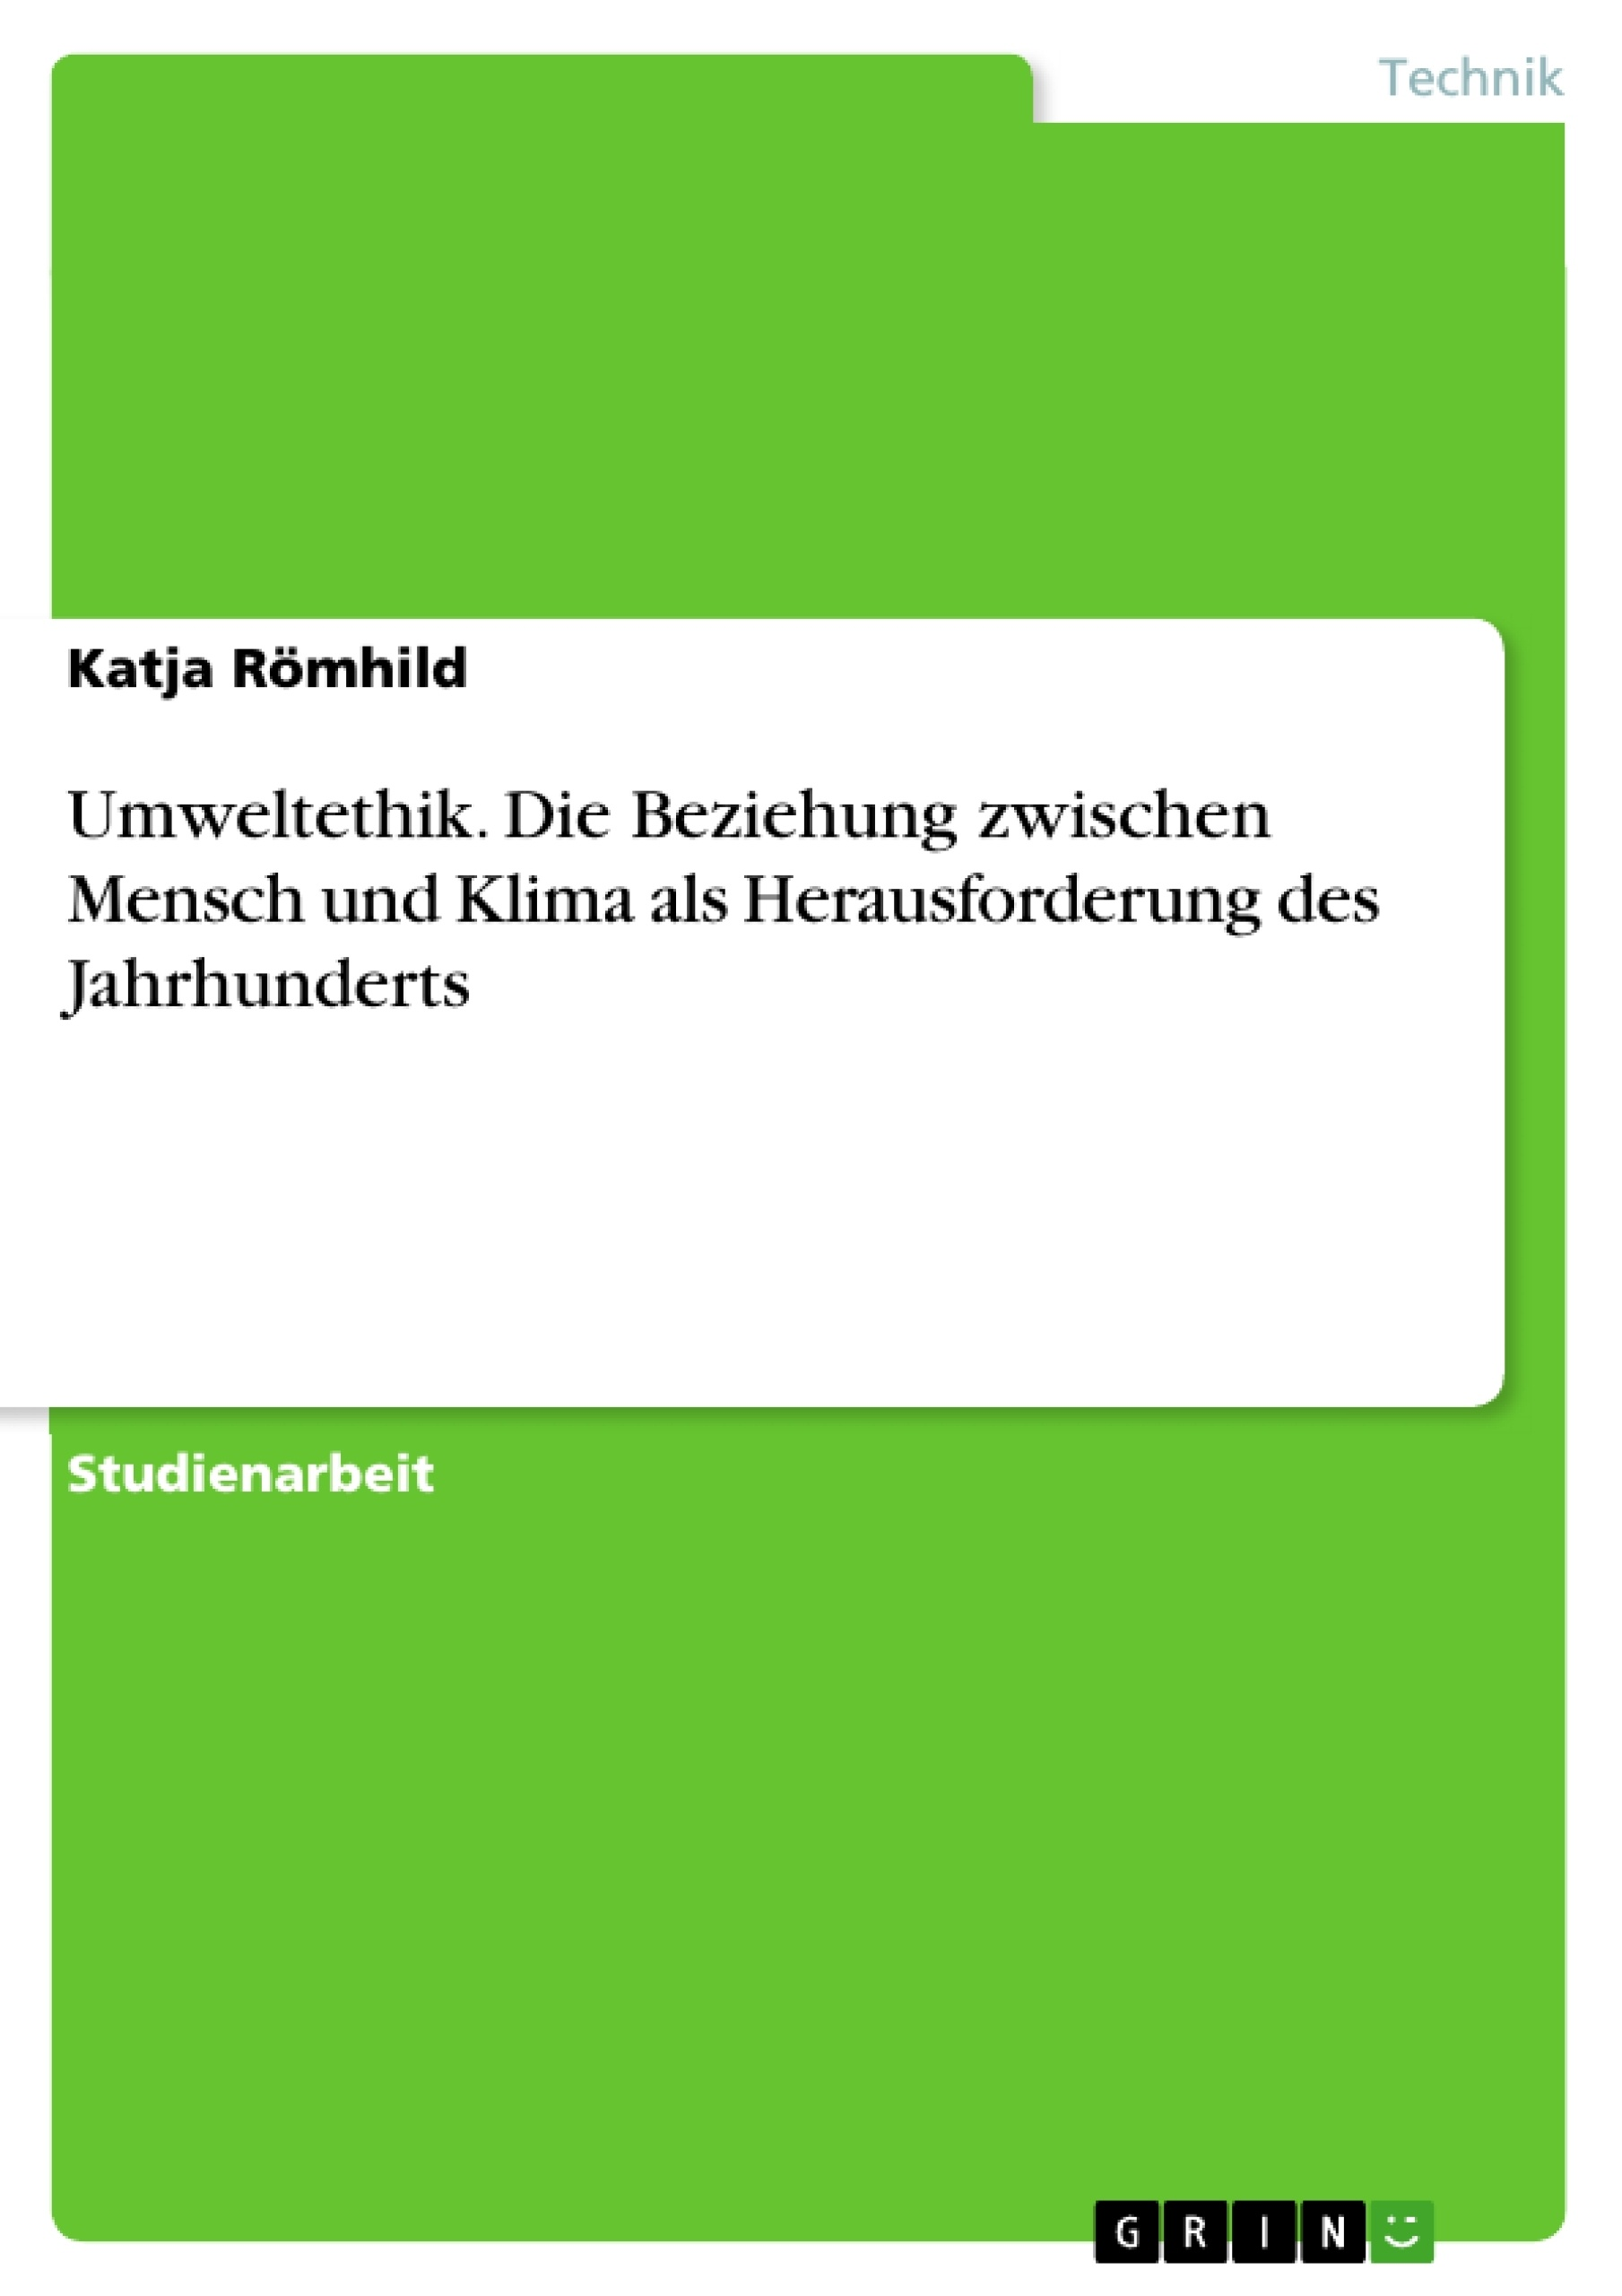 Titel: Umweltethik. Die Beziehung zwischen Mensch und Klima als Herausforderung des Jahrhunderts